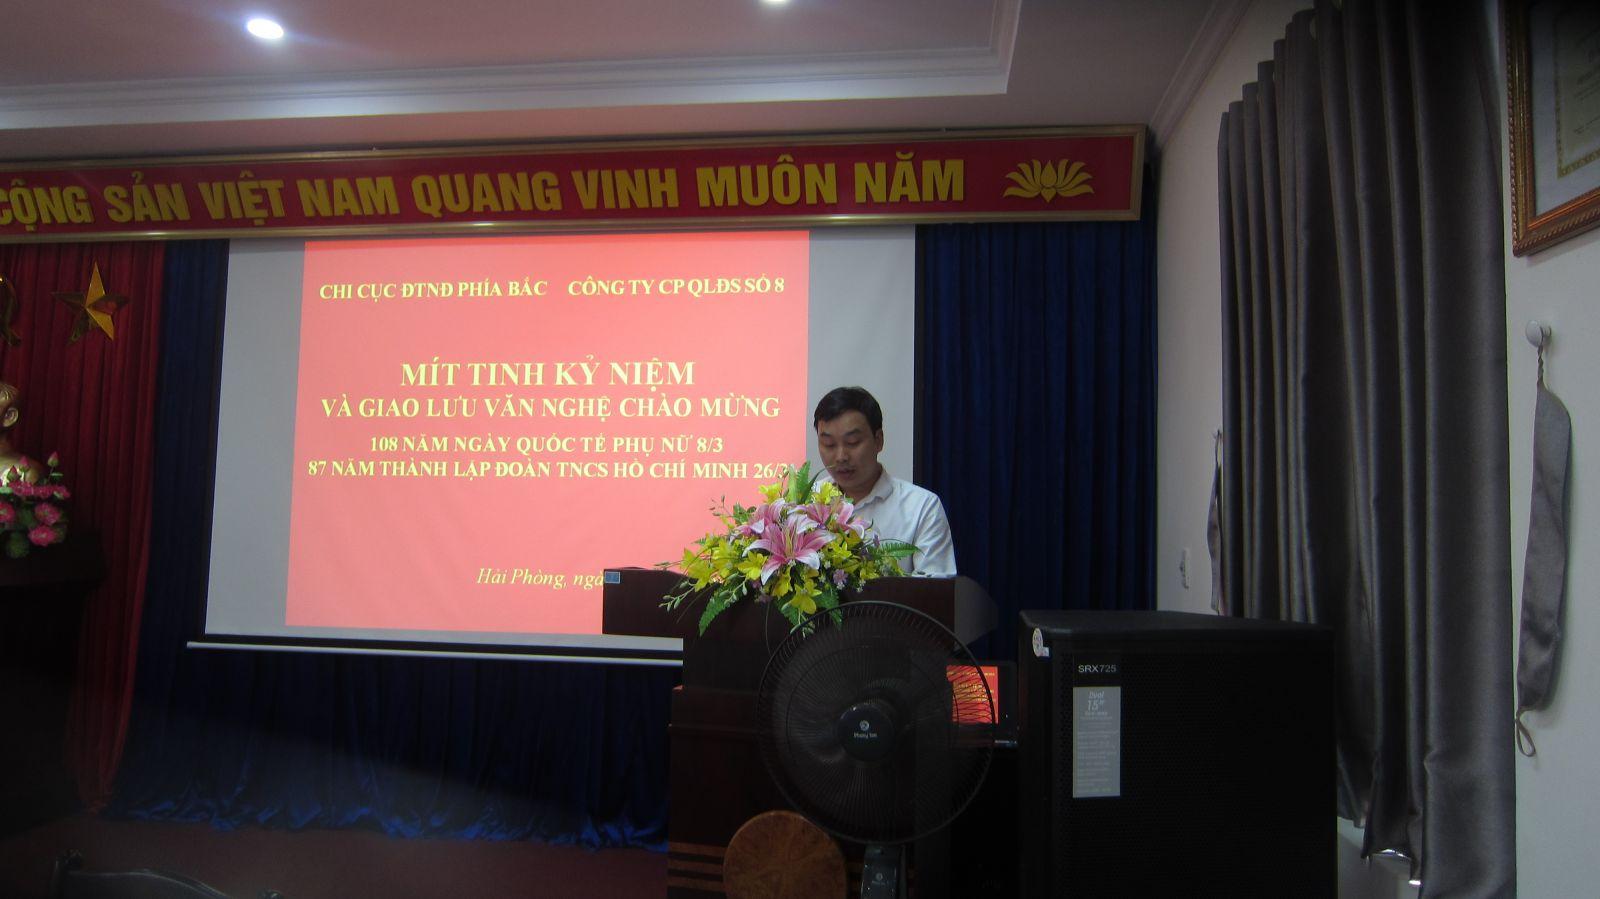 Một số hình ảnh kỷ niệm 108 ngày Quốc tế phụ nữ 08/3, 87 năm ngày thành lập Đoàn TNCS Hồ Chí Minh 26/3